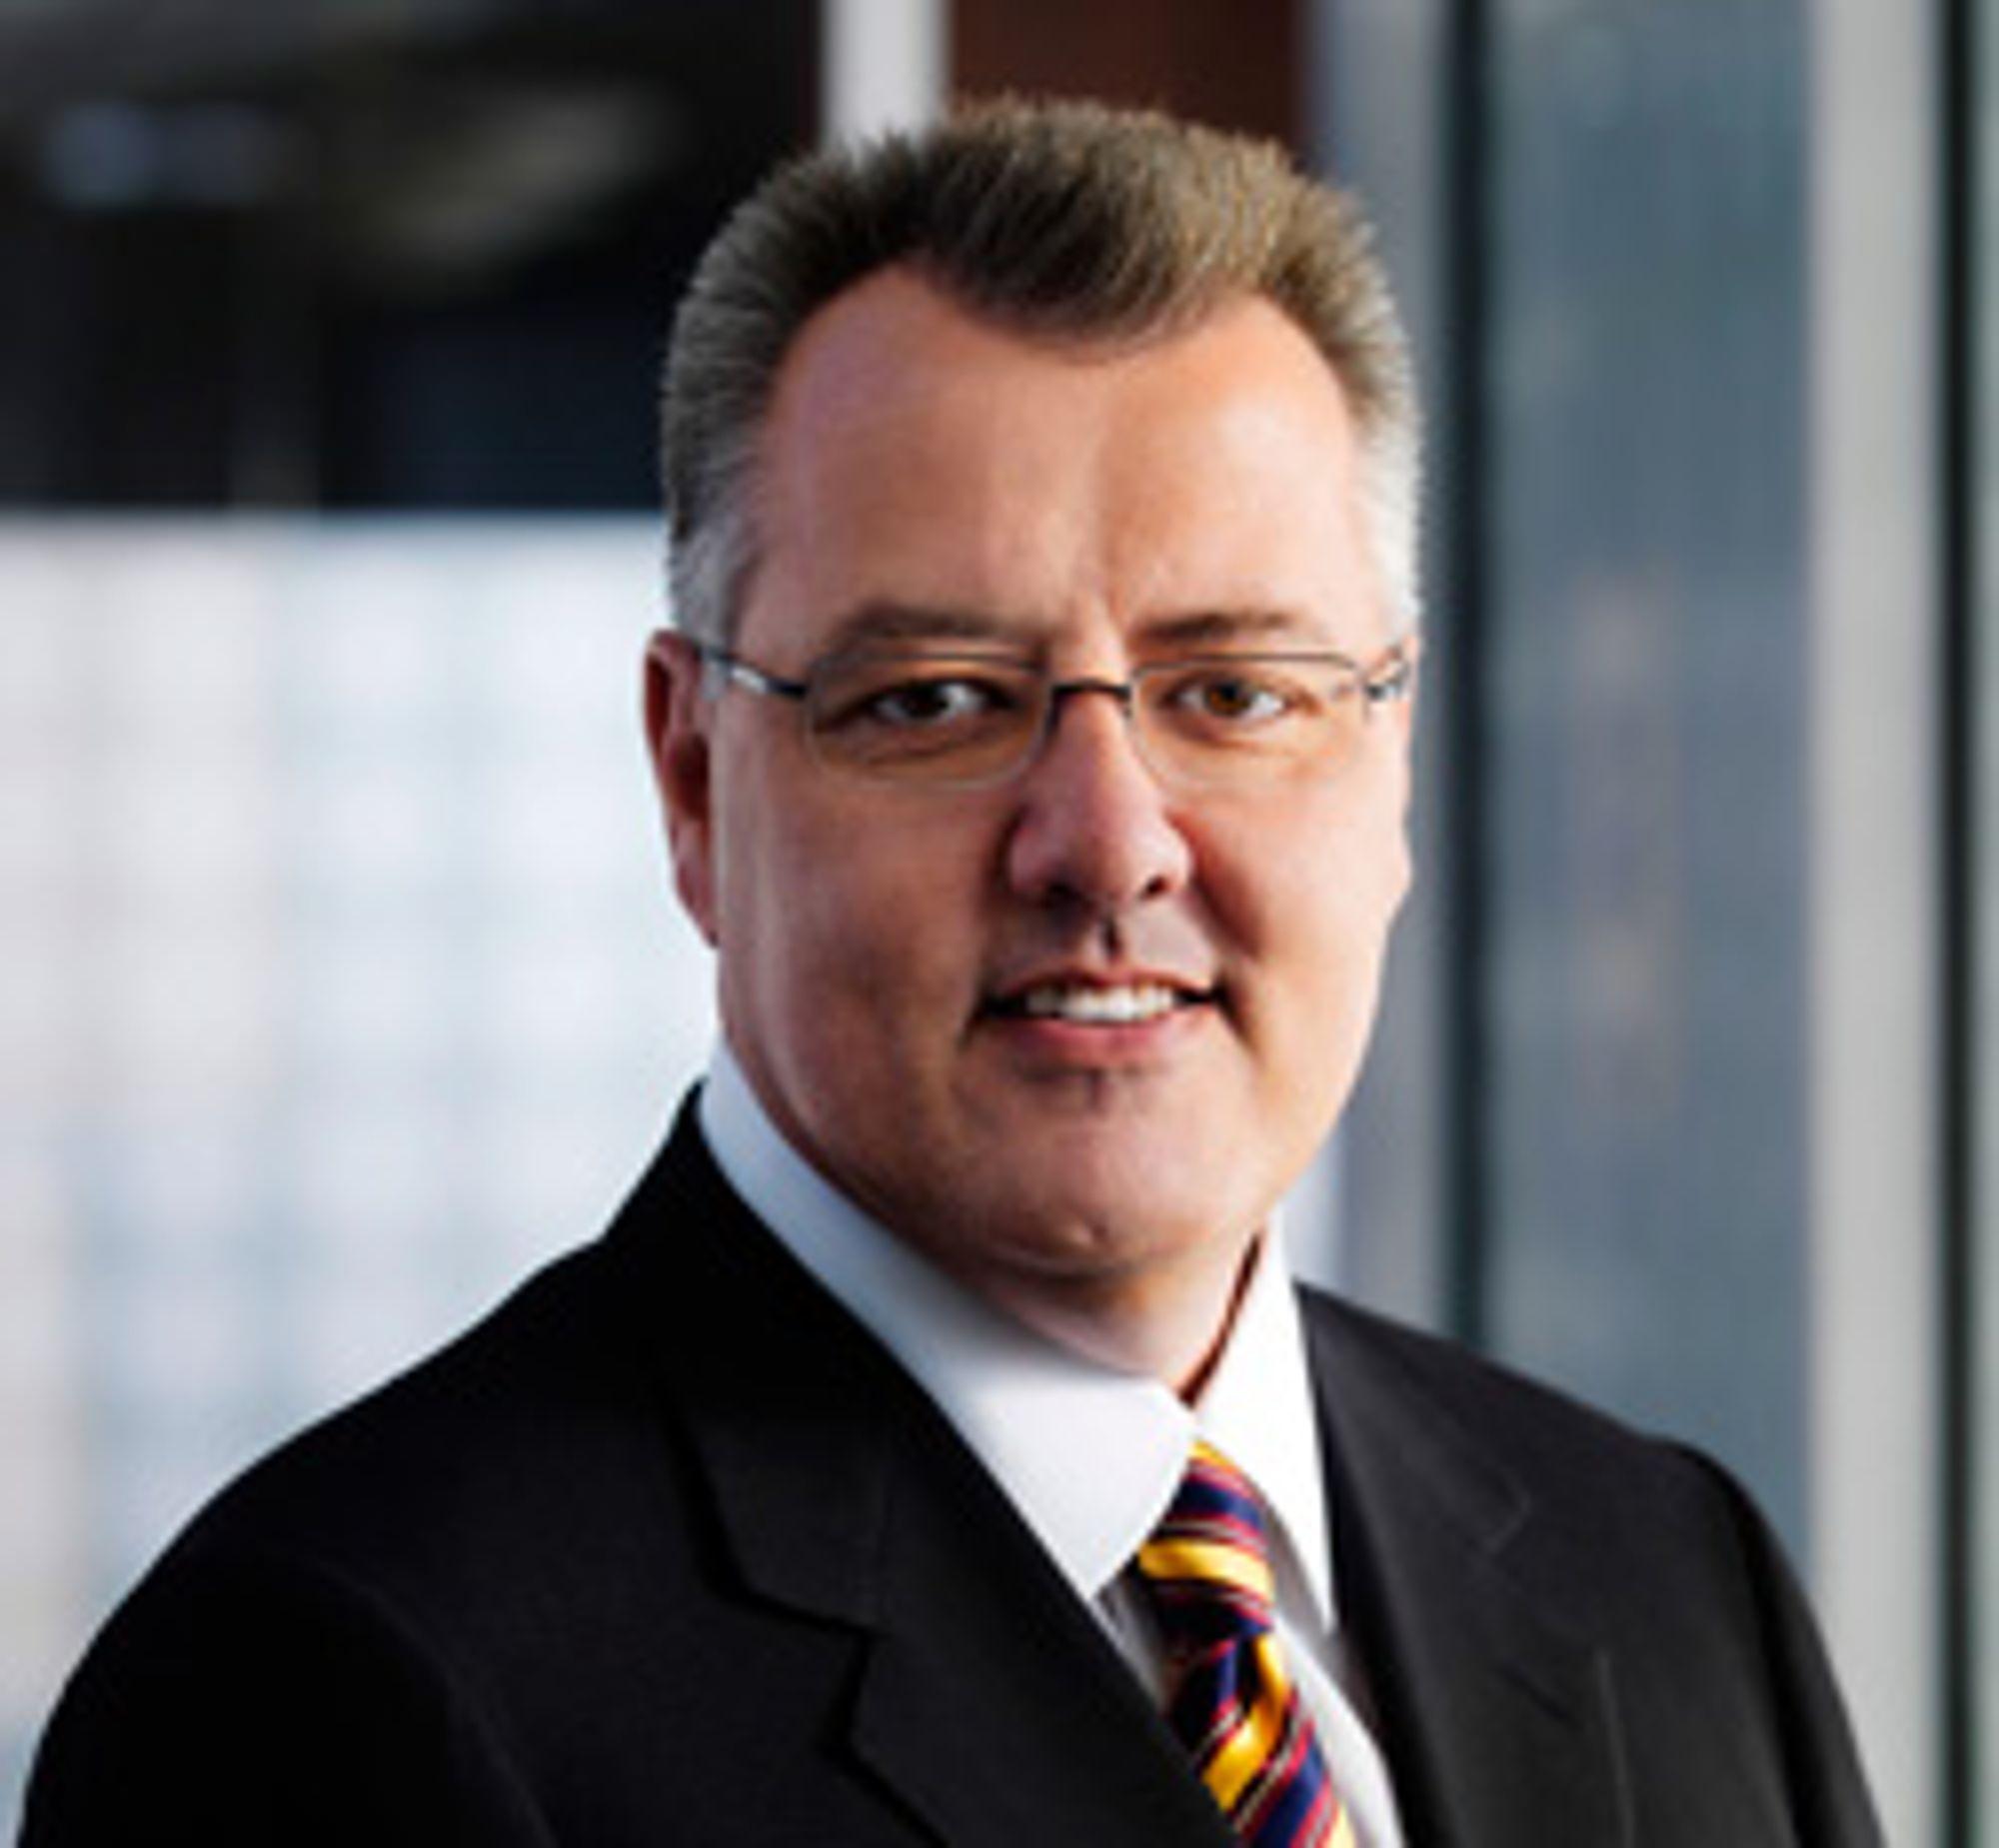 Greg Brown, ansvarlig direktør i Motorolas mobildivisjon, tilbys stor bonus i form av aksjer om han går med på å selge mobilvirksomheten..